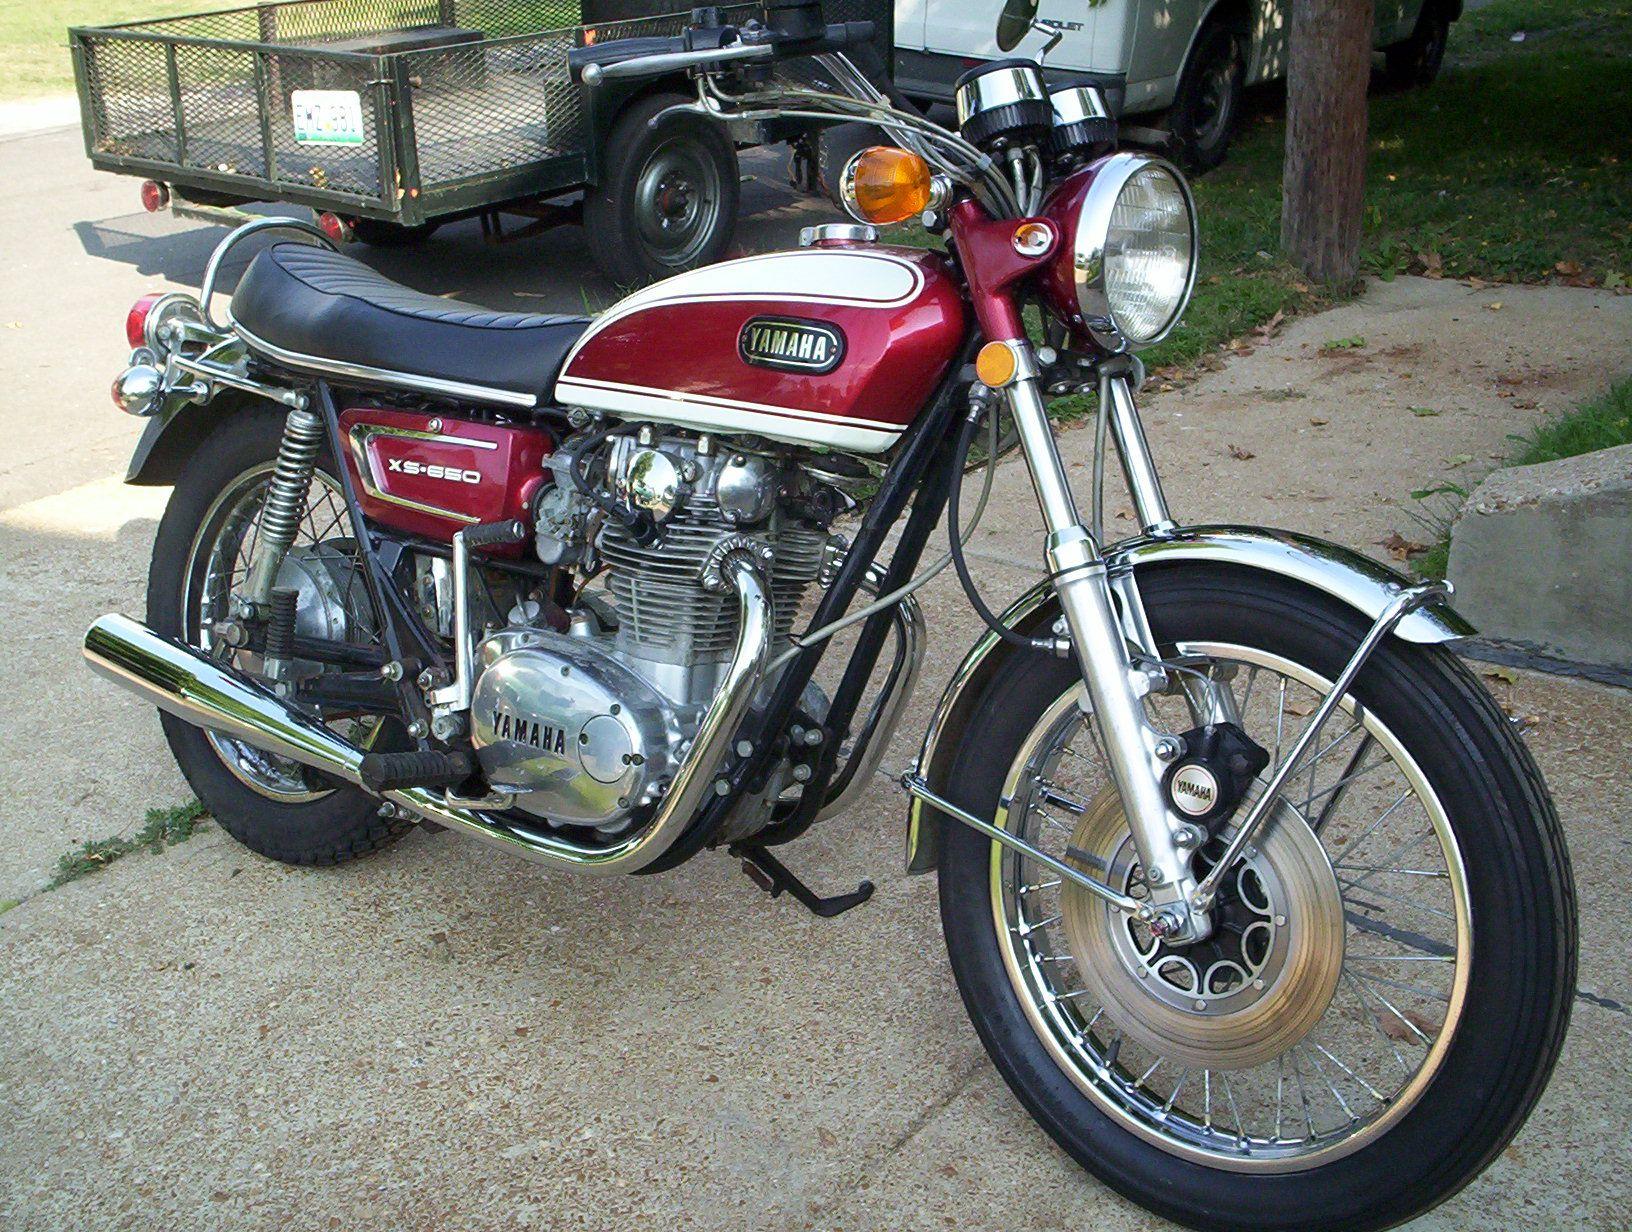 1972 Yamaha XS2 650 | Classic Japanese Motorcycle Group